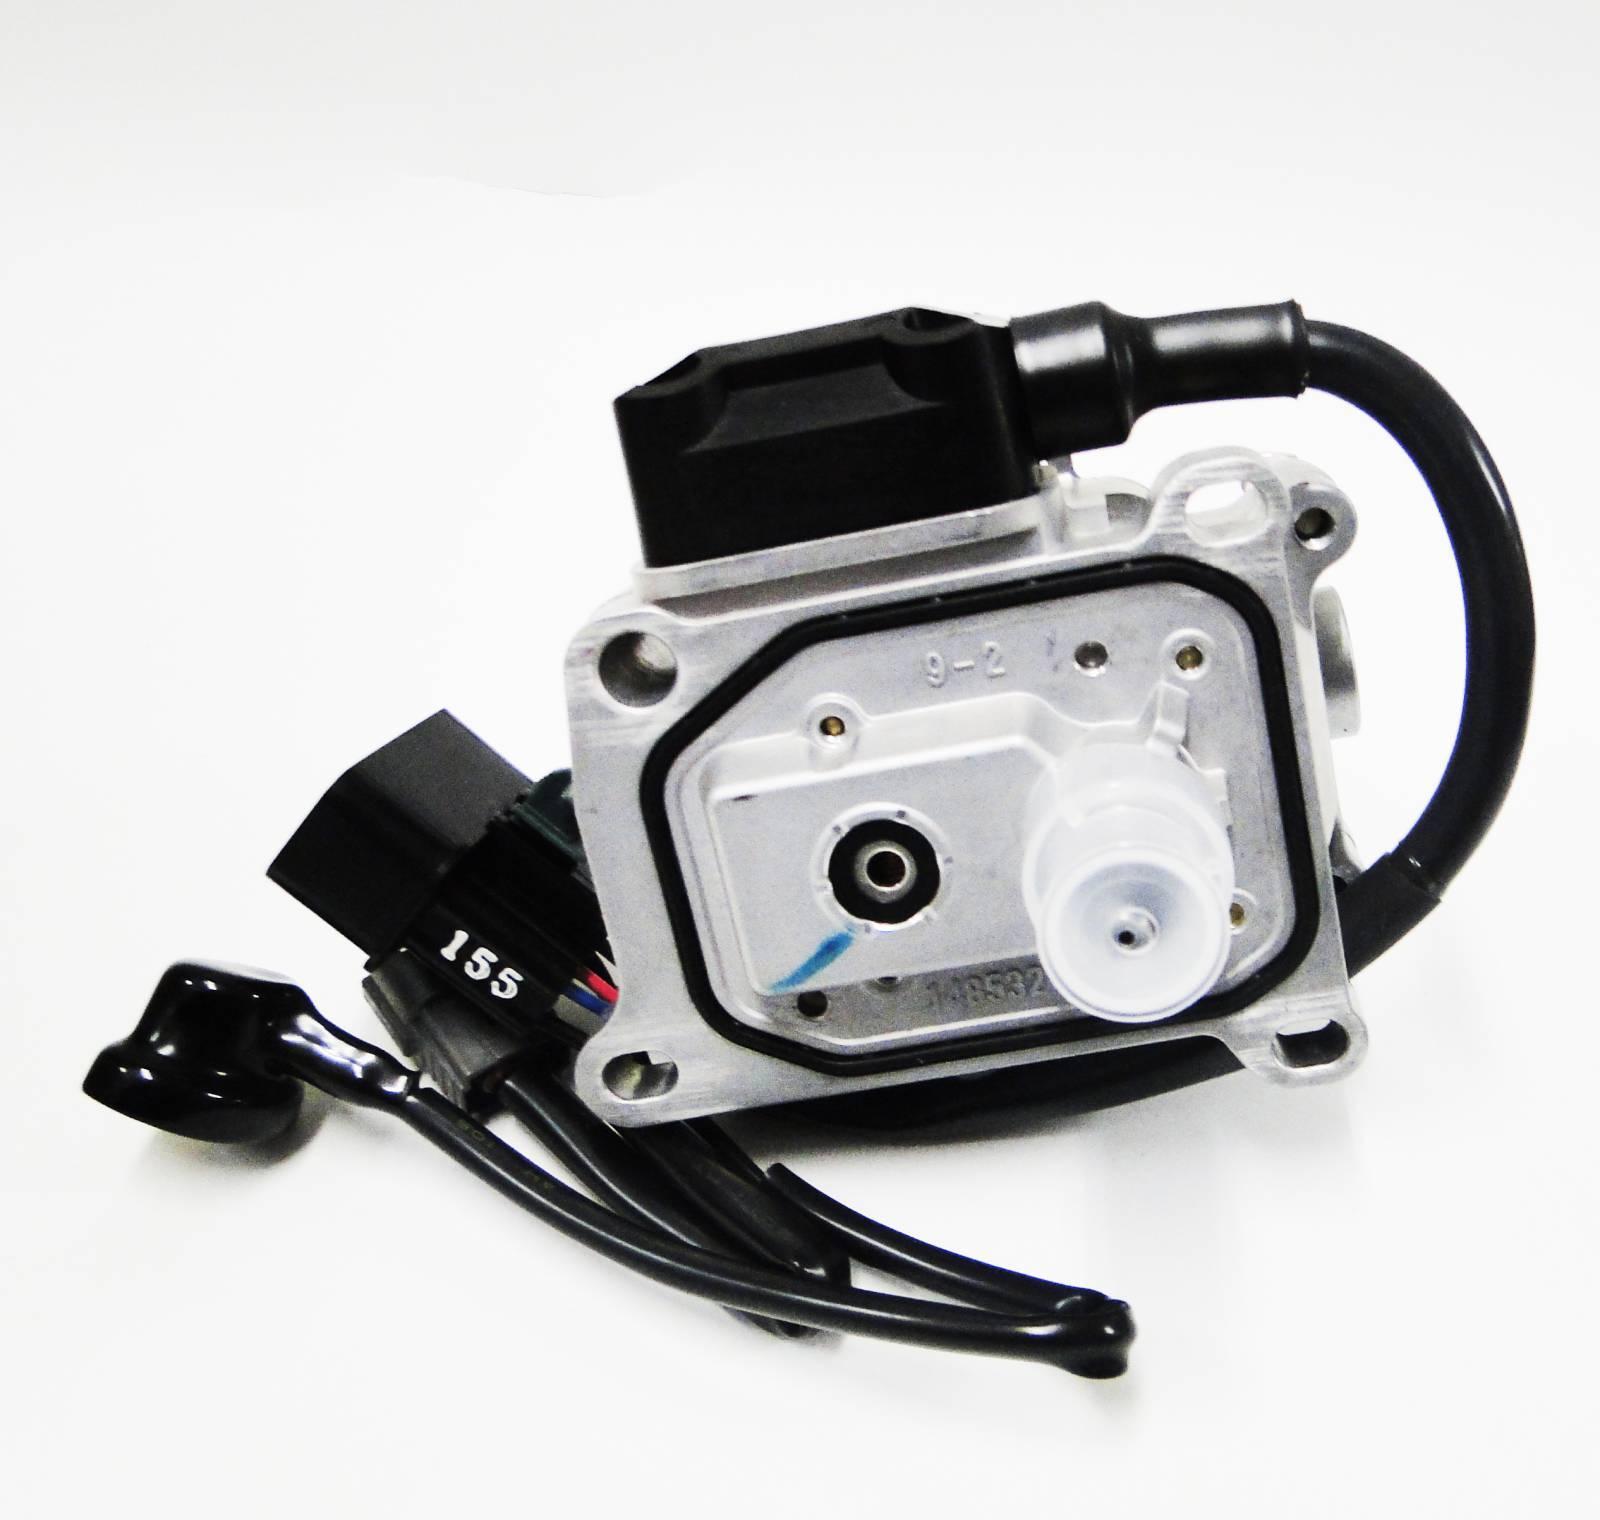 Gerenciador Pajero L200 Sport Eletrônico 148530-3820 - Casa do Injetor